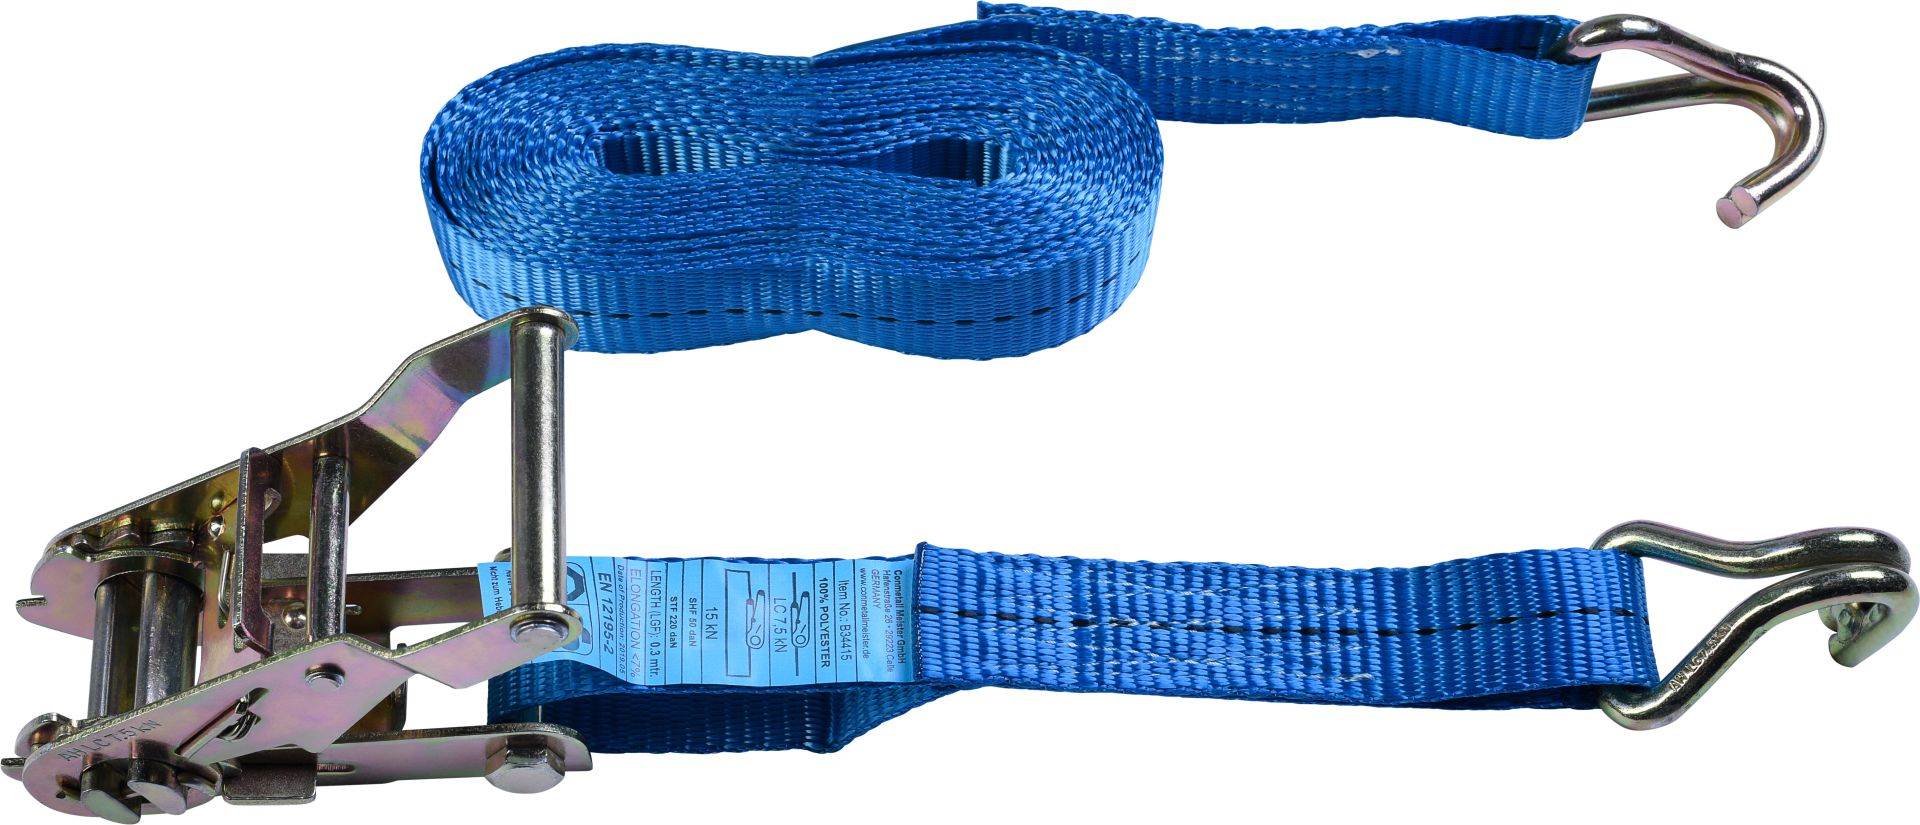 CONNEX Zurrgurt mit Ratsche und Haken, 5 m x 25 mm, bis 1.500 kg